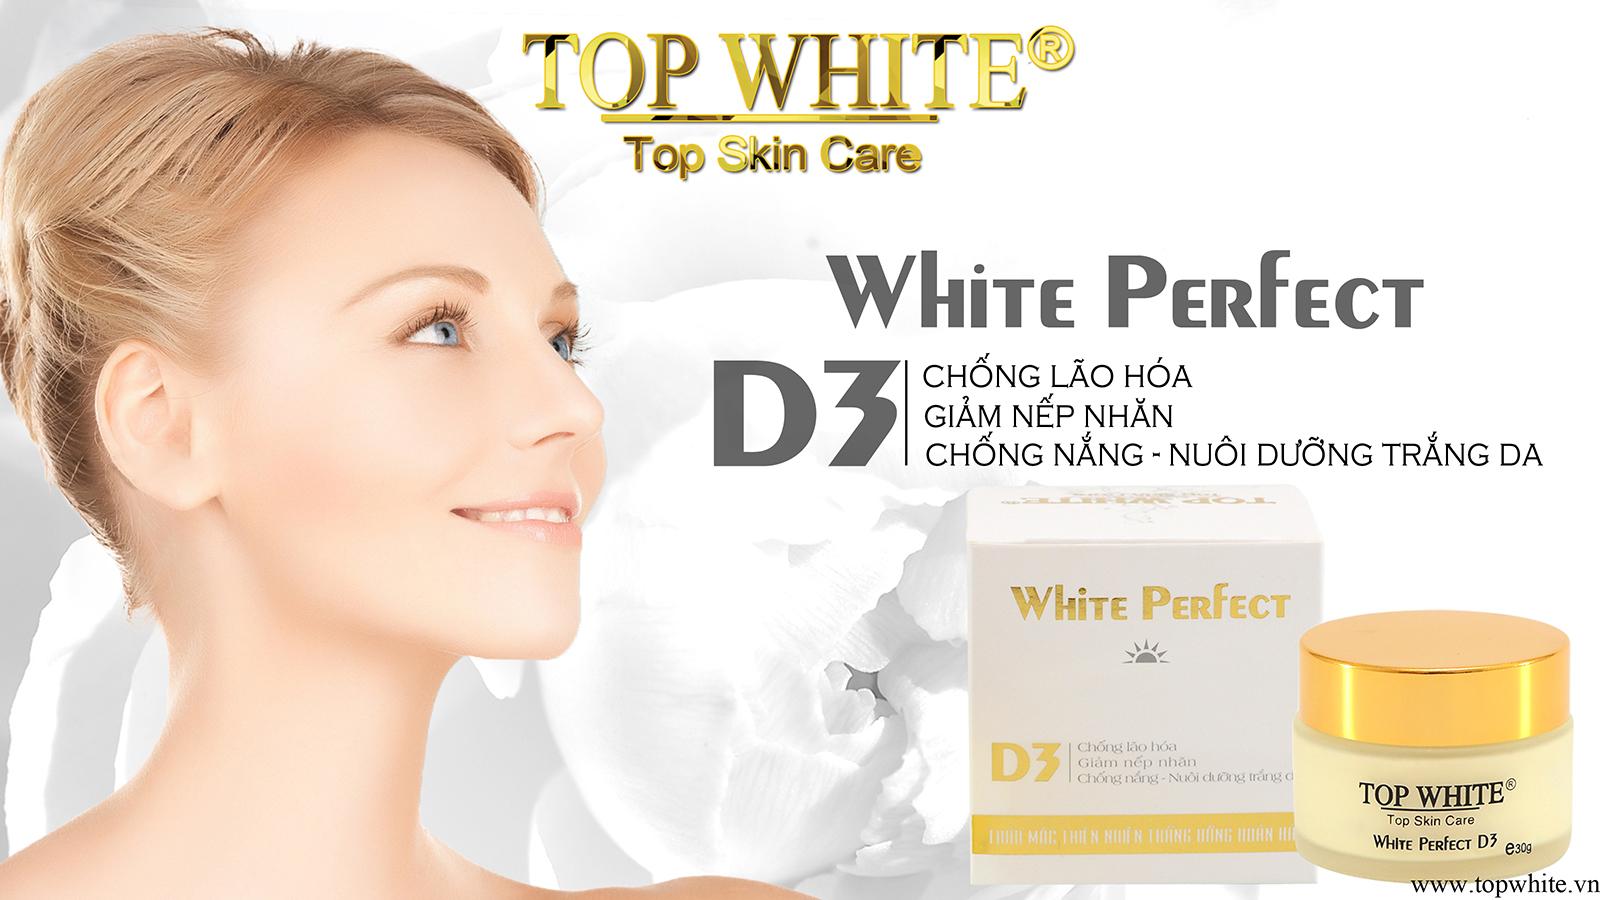 White Perfect D3 kem dưỡng trắng da ban ngày